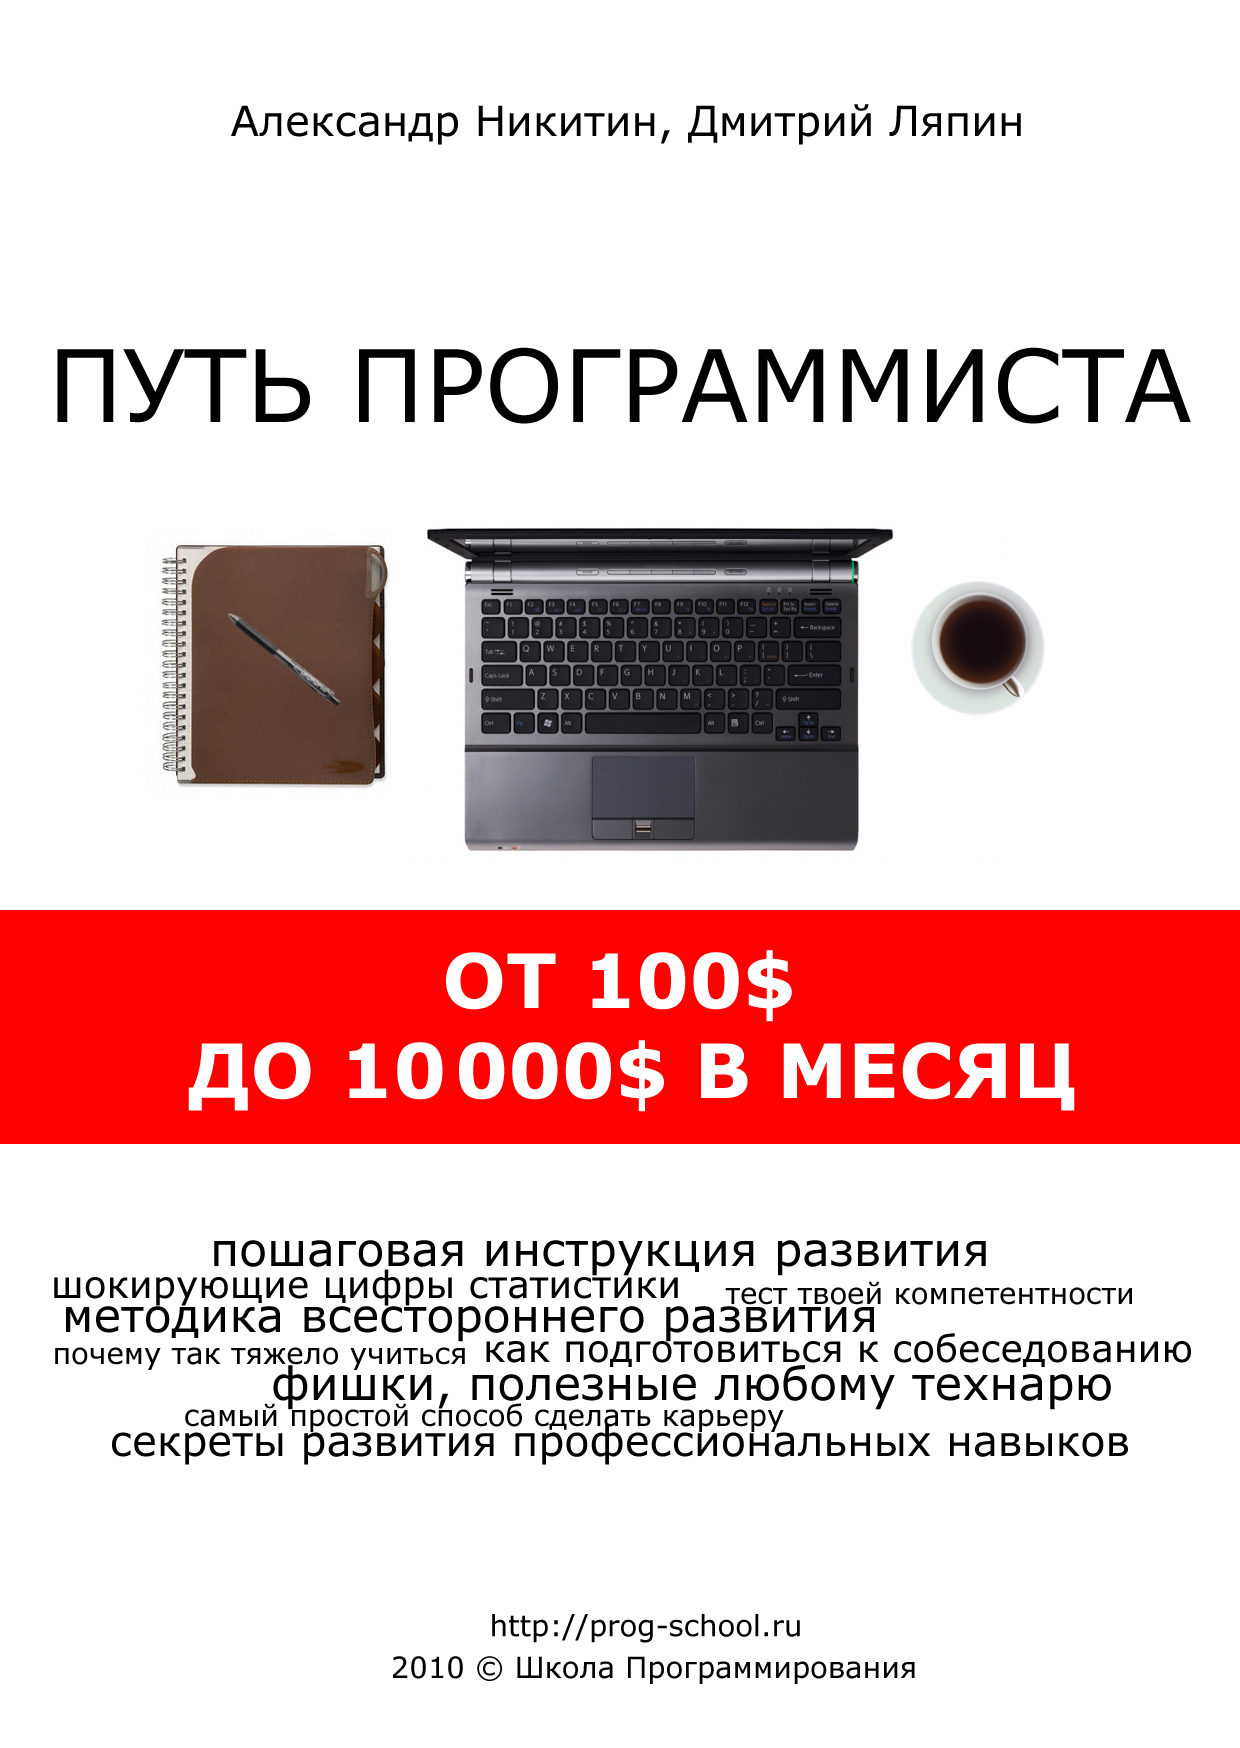 Путь программиста: от 100$ до 10000$ в месяц